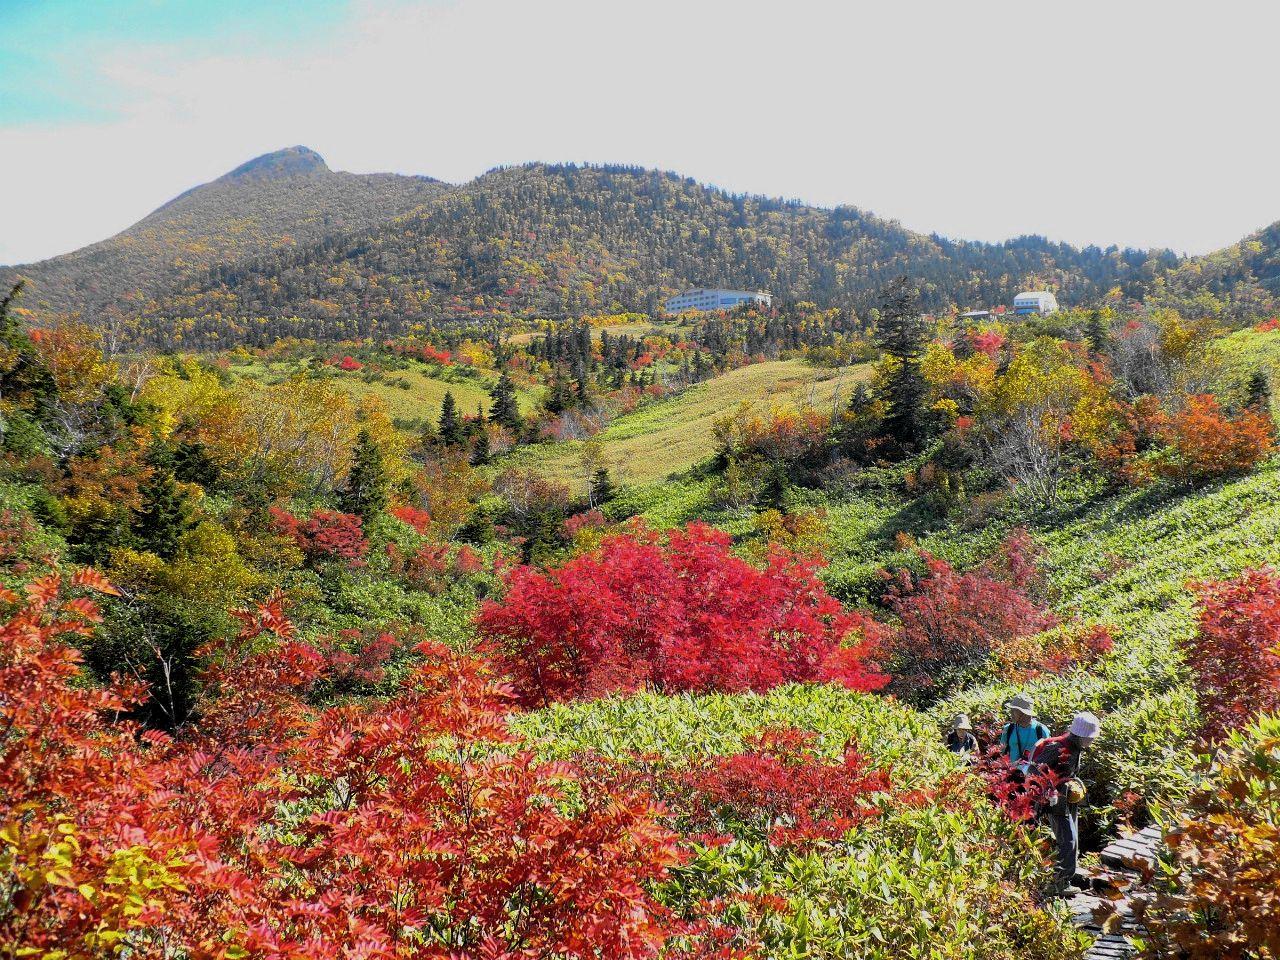 立山の紅葉はいつ頃行けばいい?